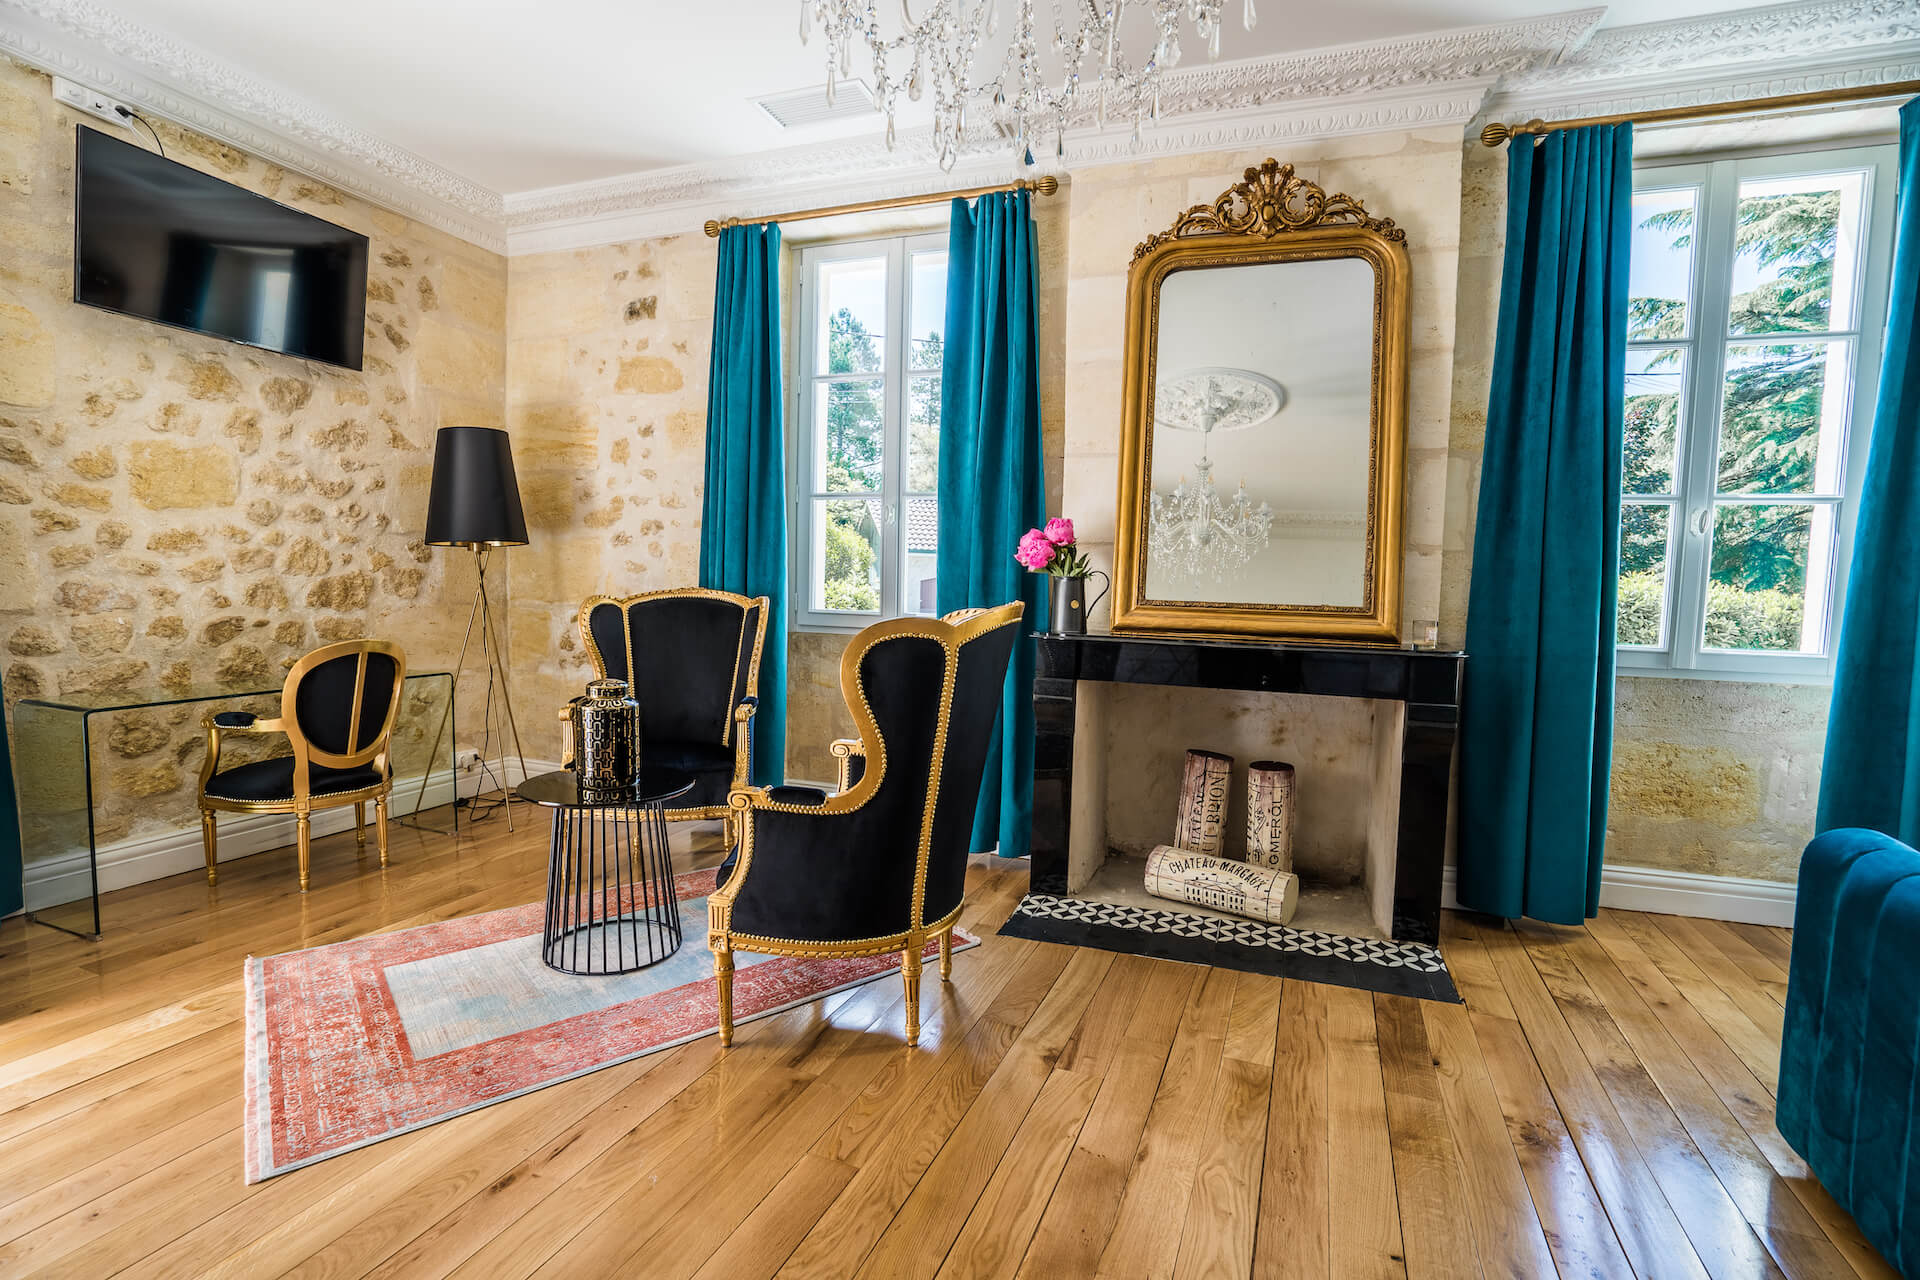 les propriétaires château grand arnaud chambres d'hôtes réception et séminaires bordeaux